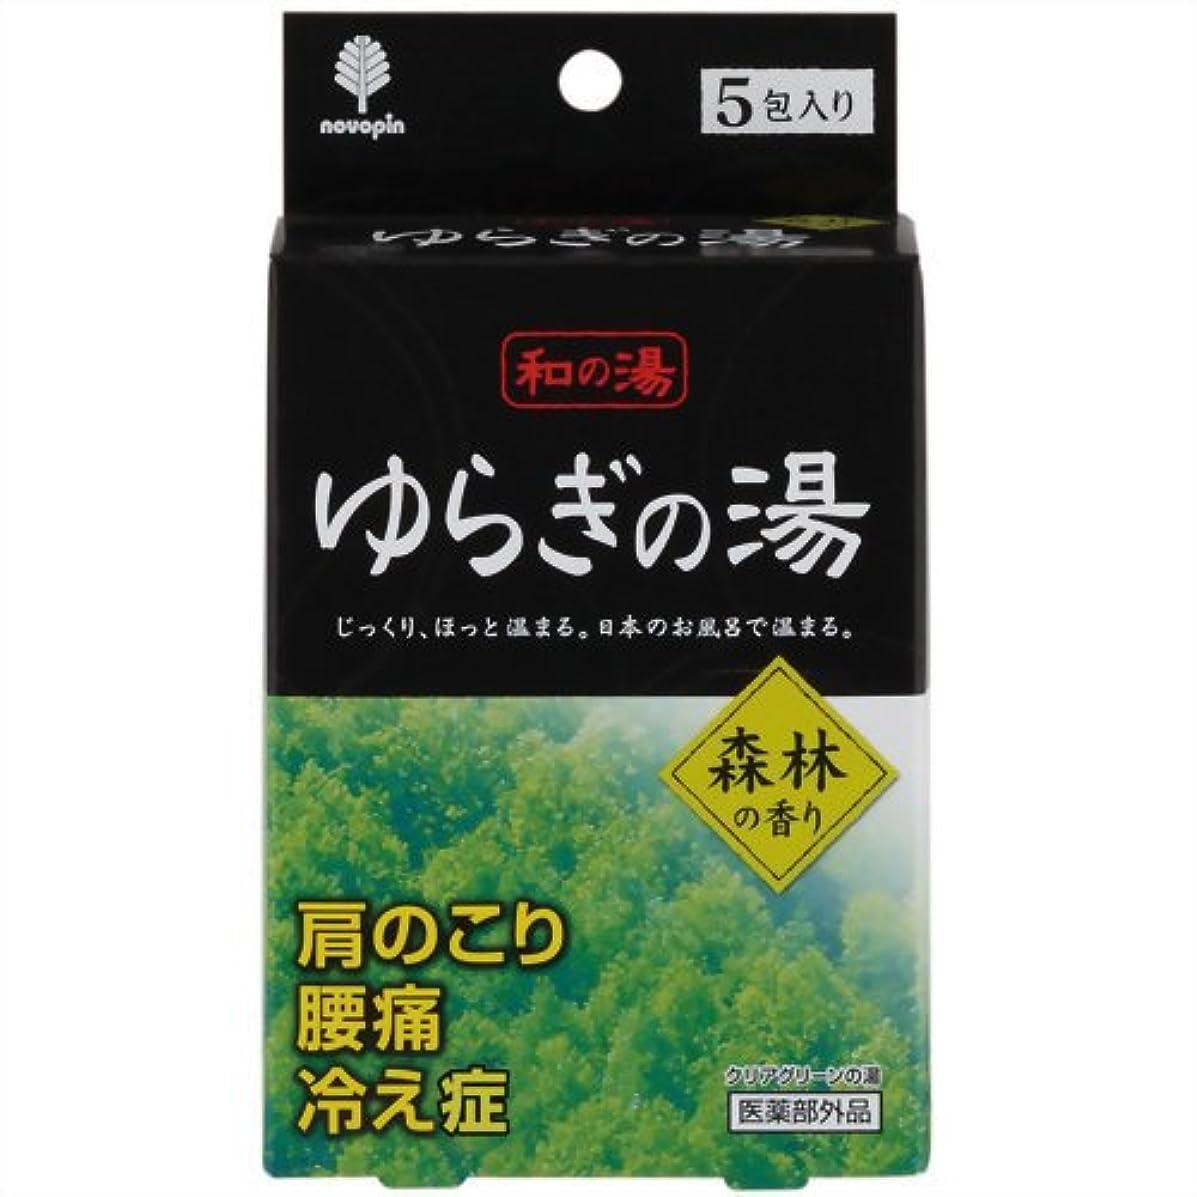 マリン鉛筆一方、ゆらぎの湯 森林の香り 25g×5包入